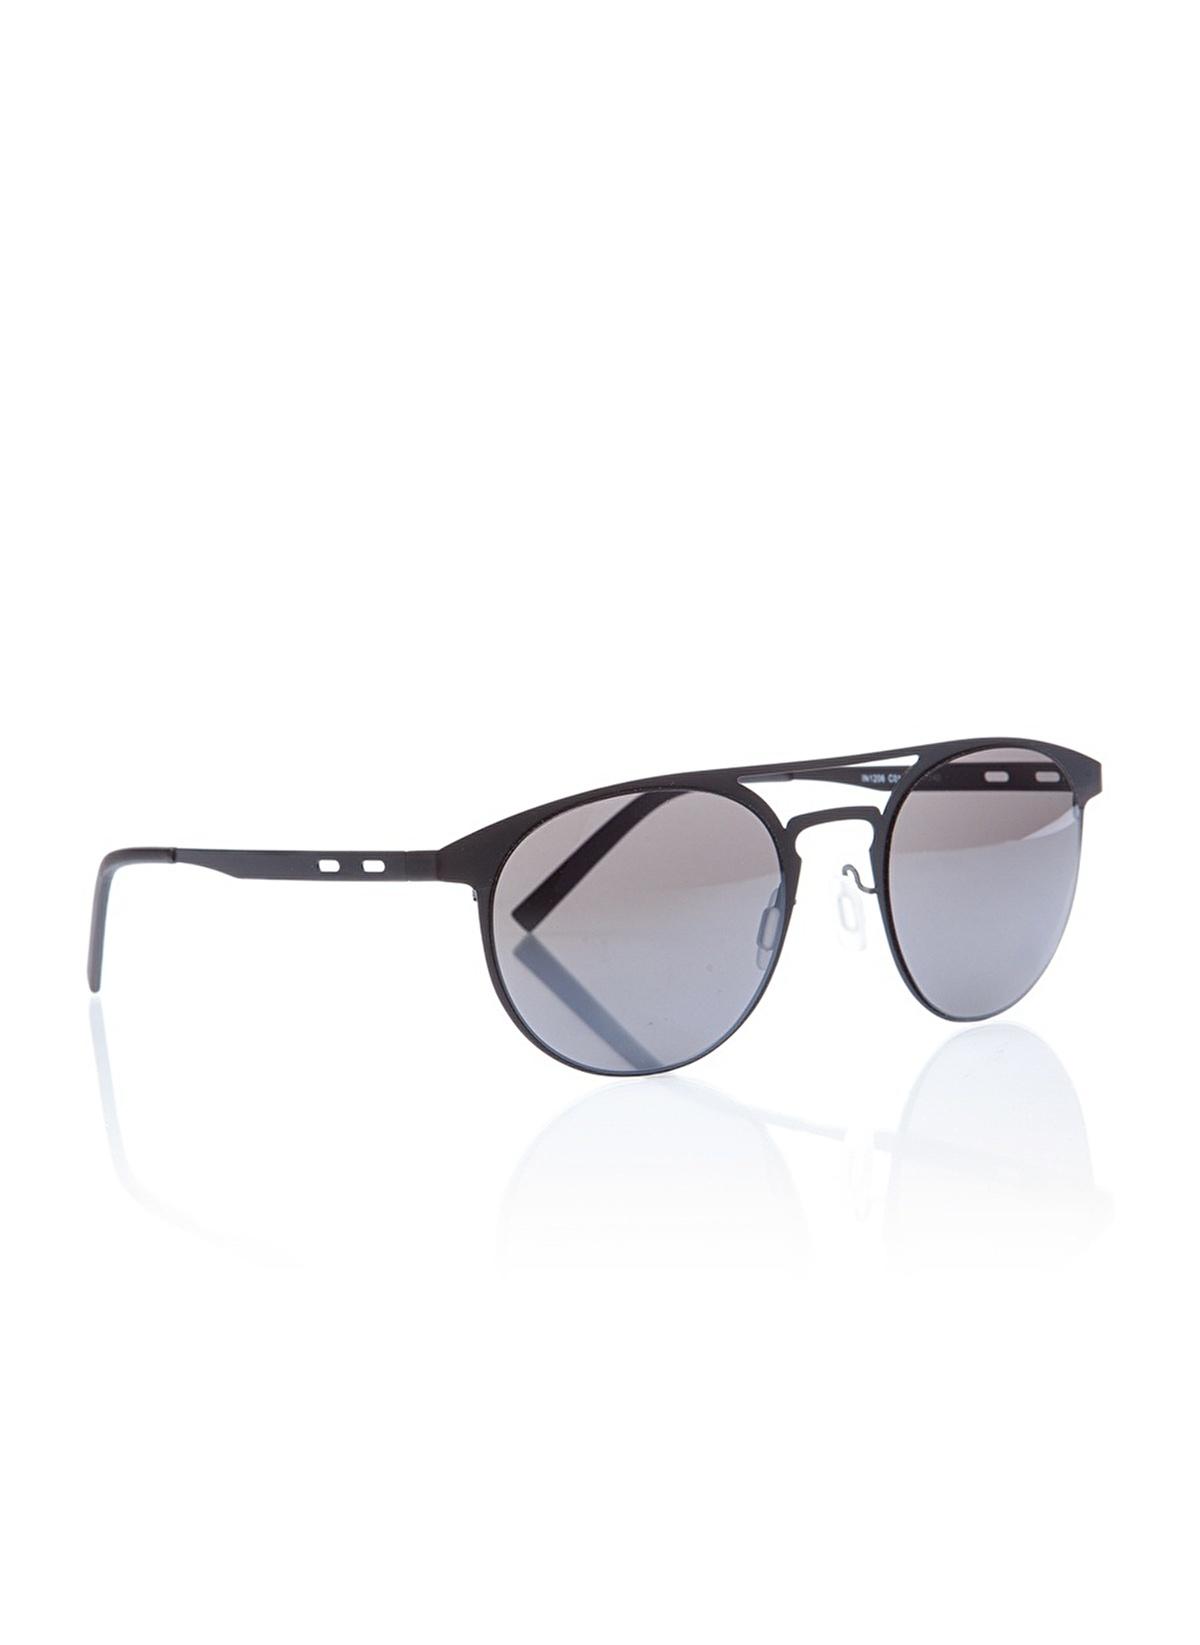 İnfiniti Design Güneş Gözlüğü Id 1206 01 Güneş Gözlükleri – 148.99 TL